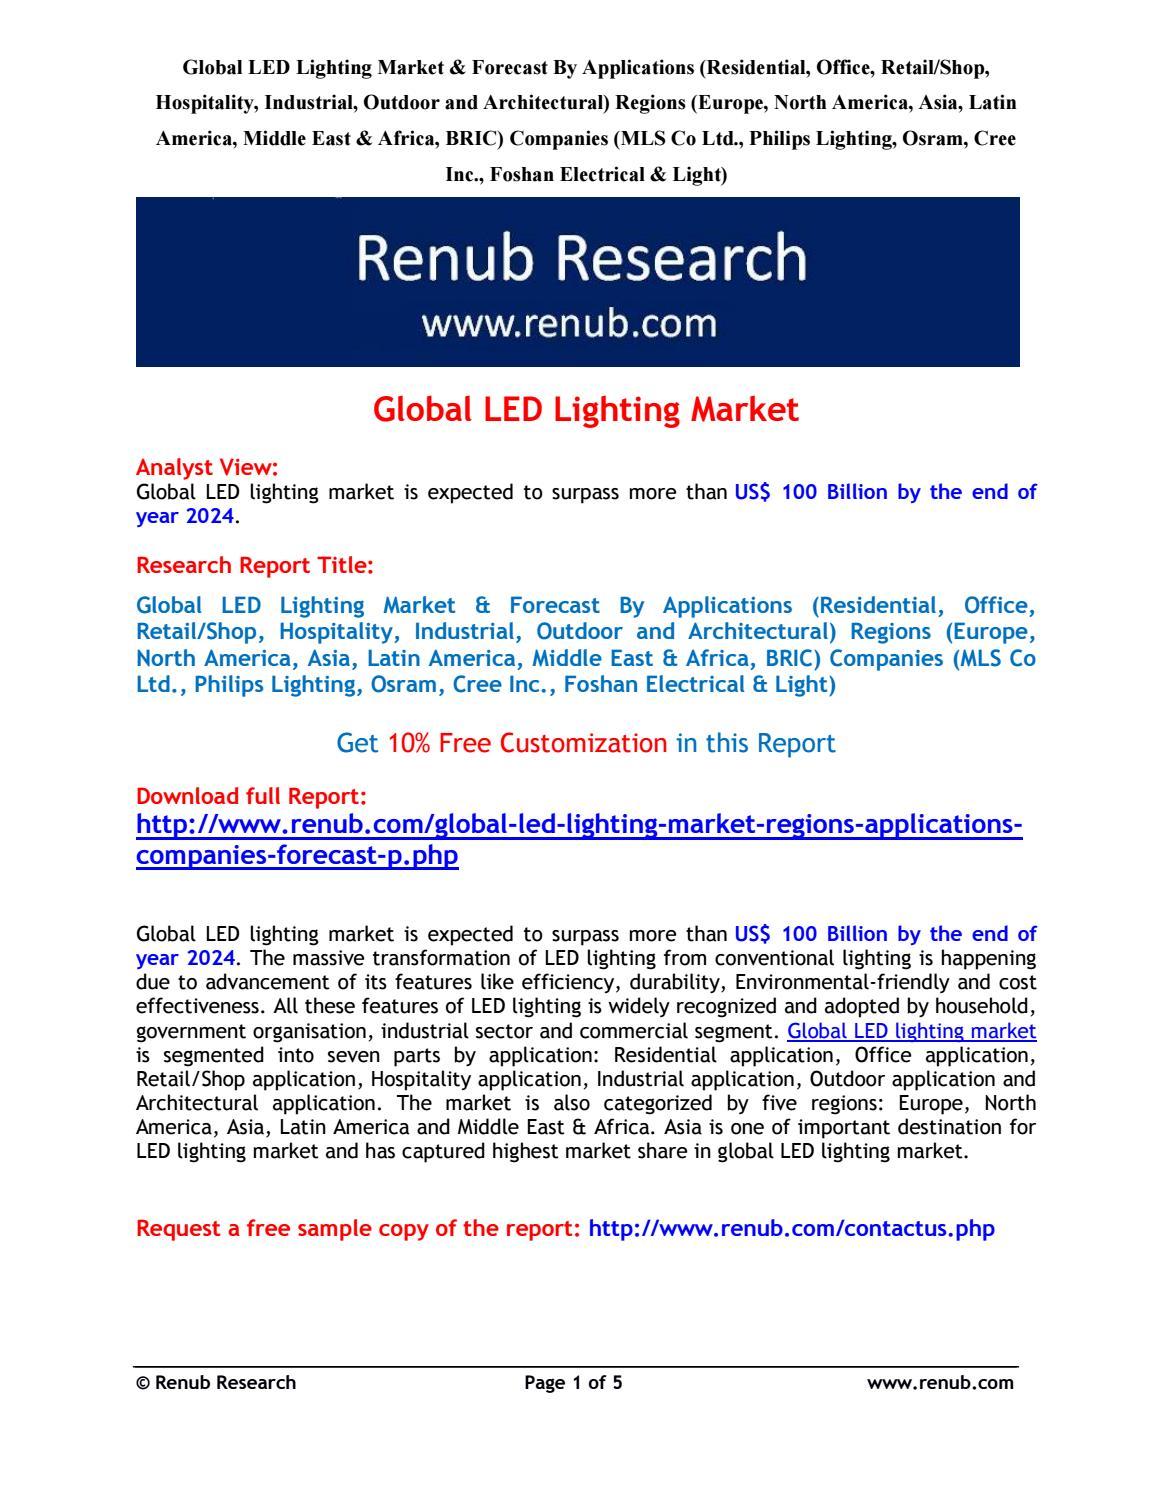 Global Led Lighting Market Forecast